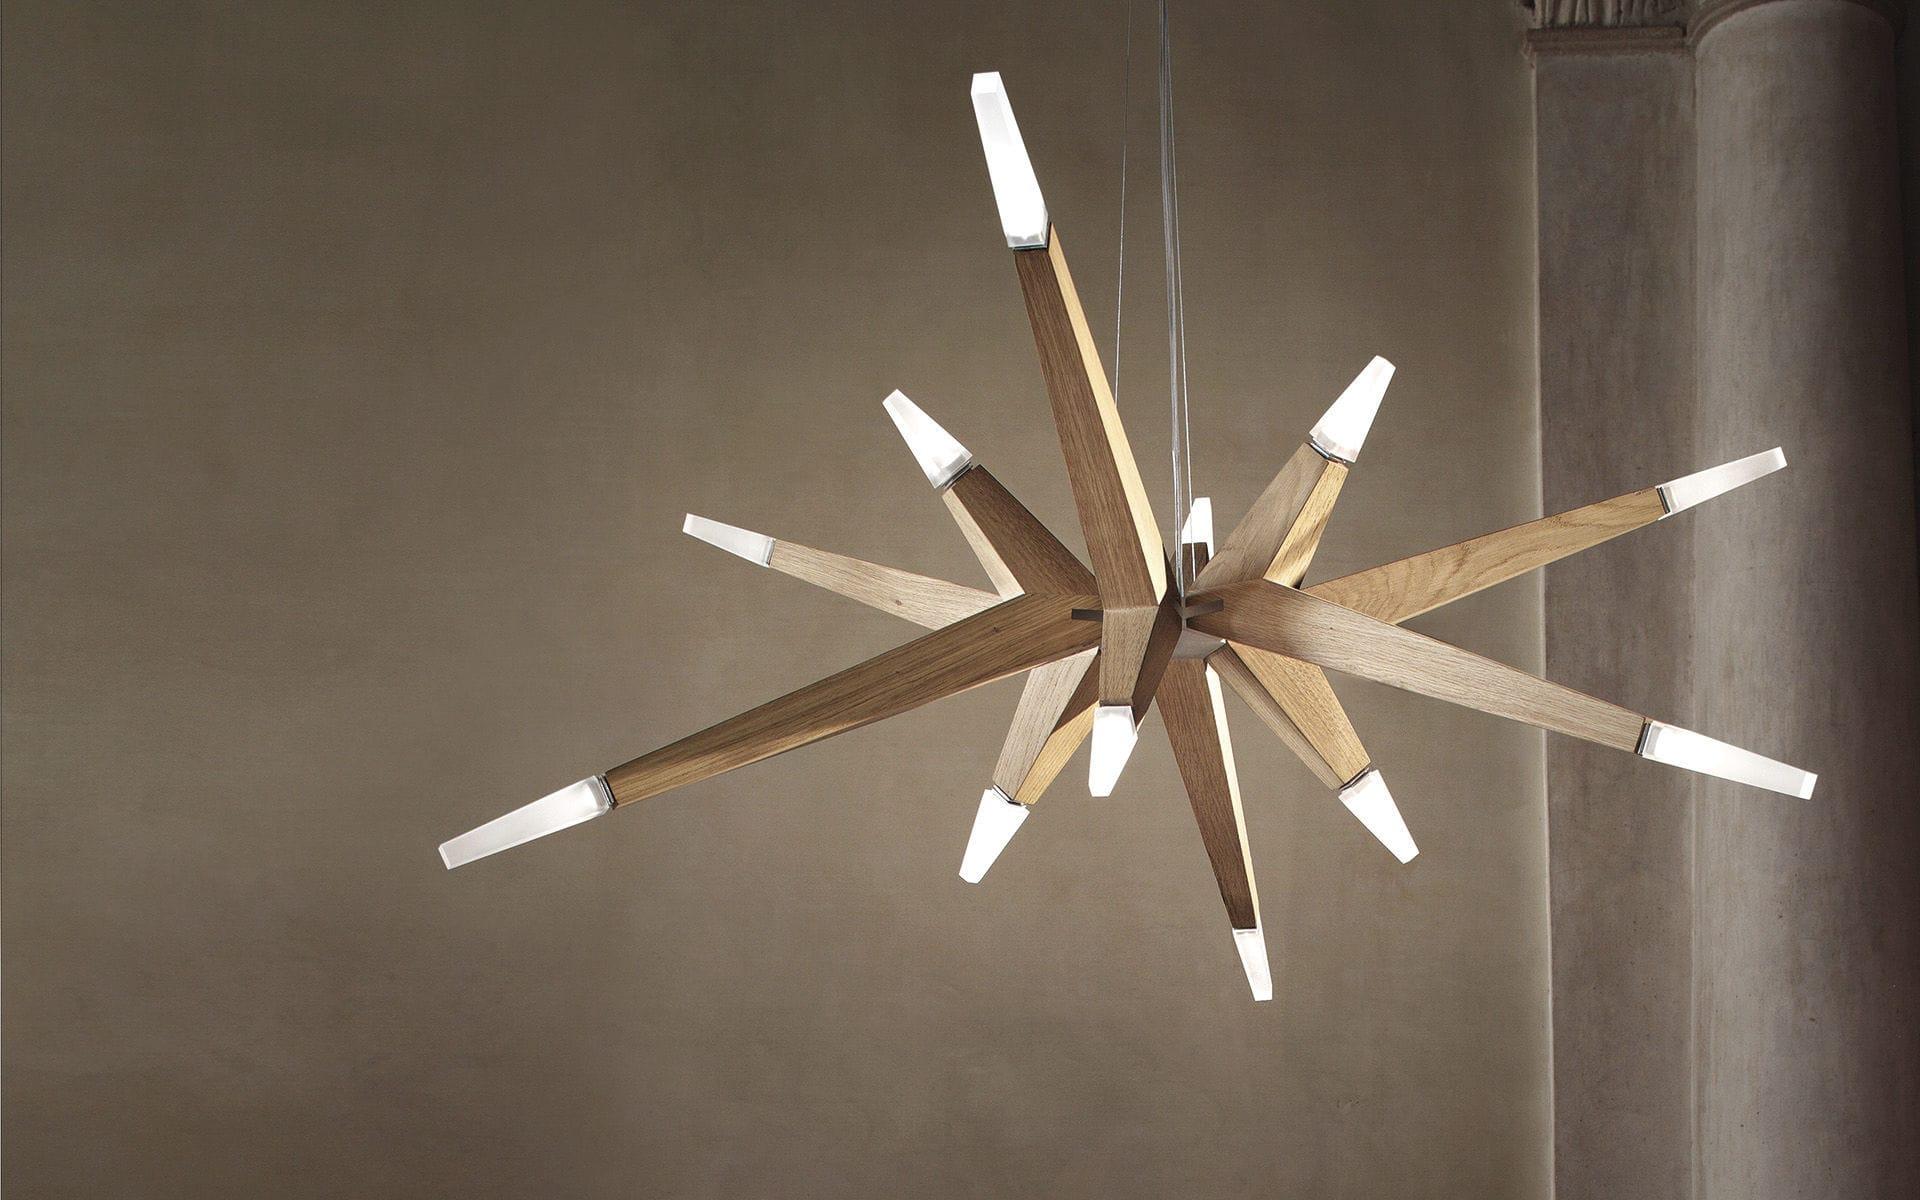 Lampadario In Legno Design : Lampadario design originale in legno in metacrilato led